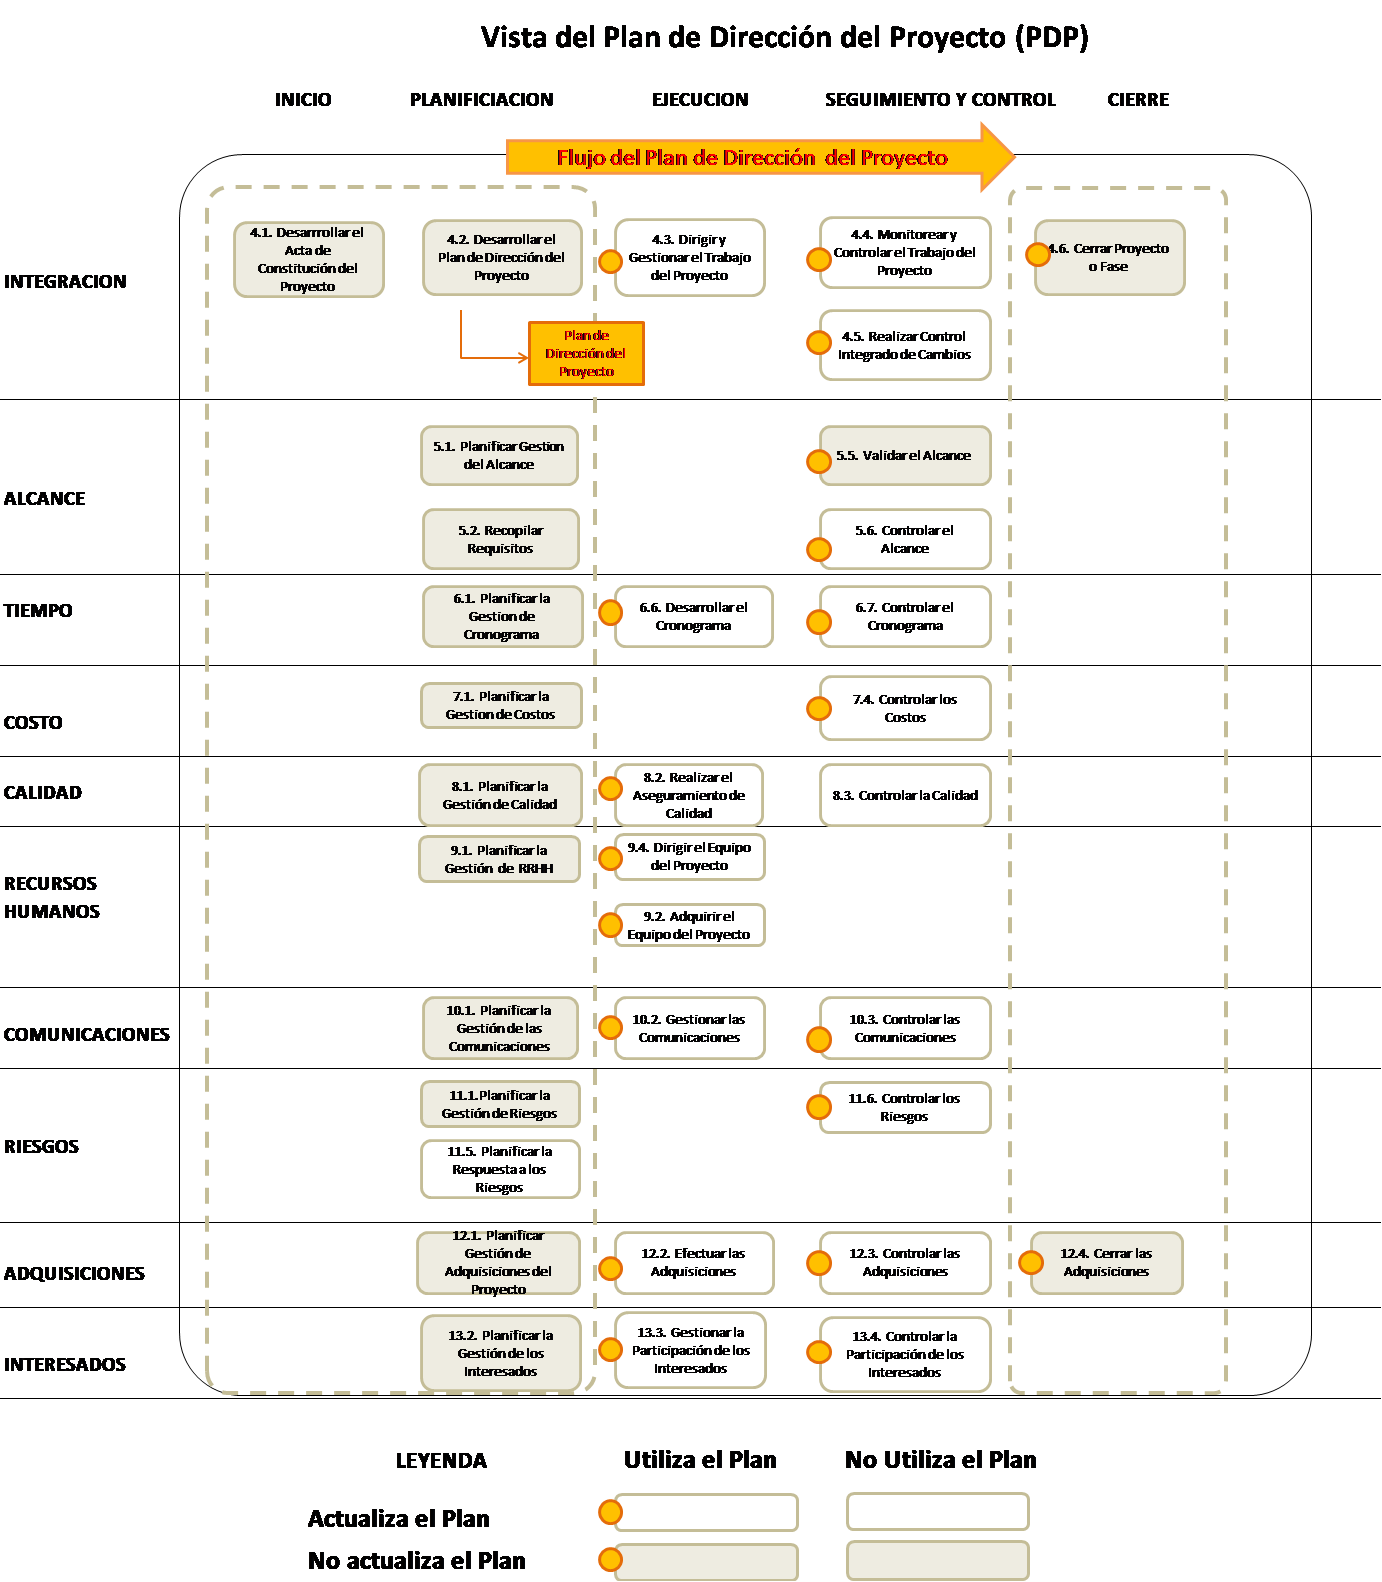 plan de direccion del proyecto